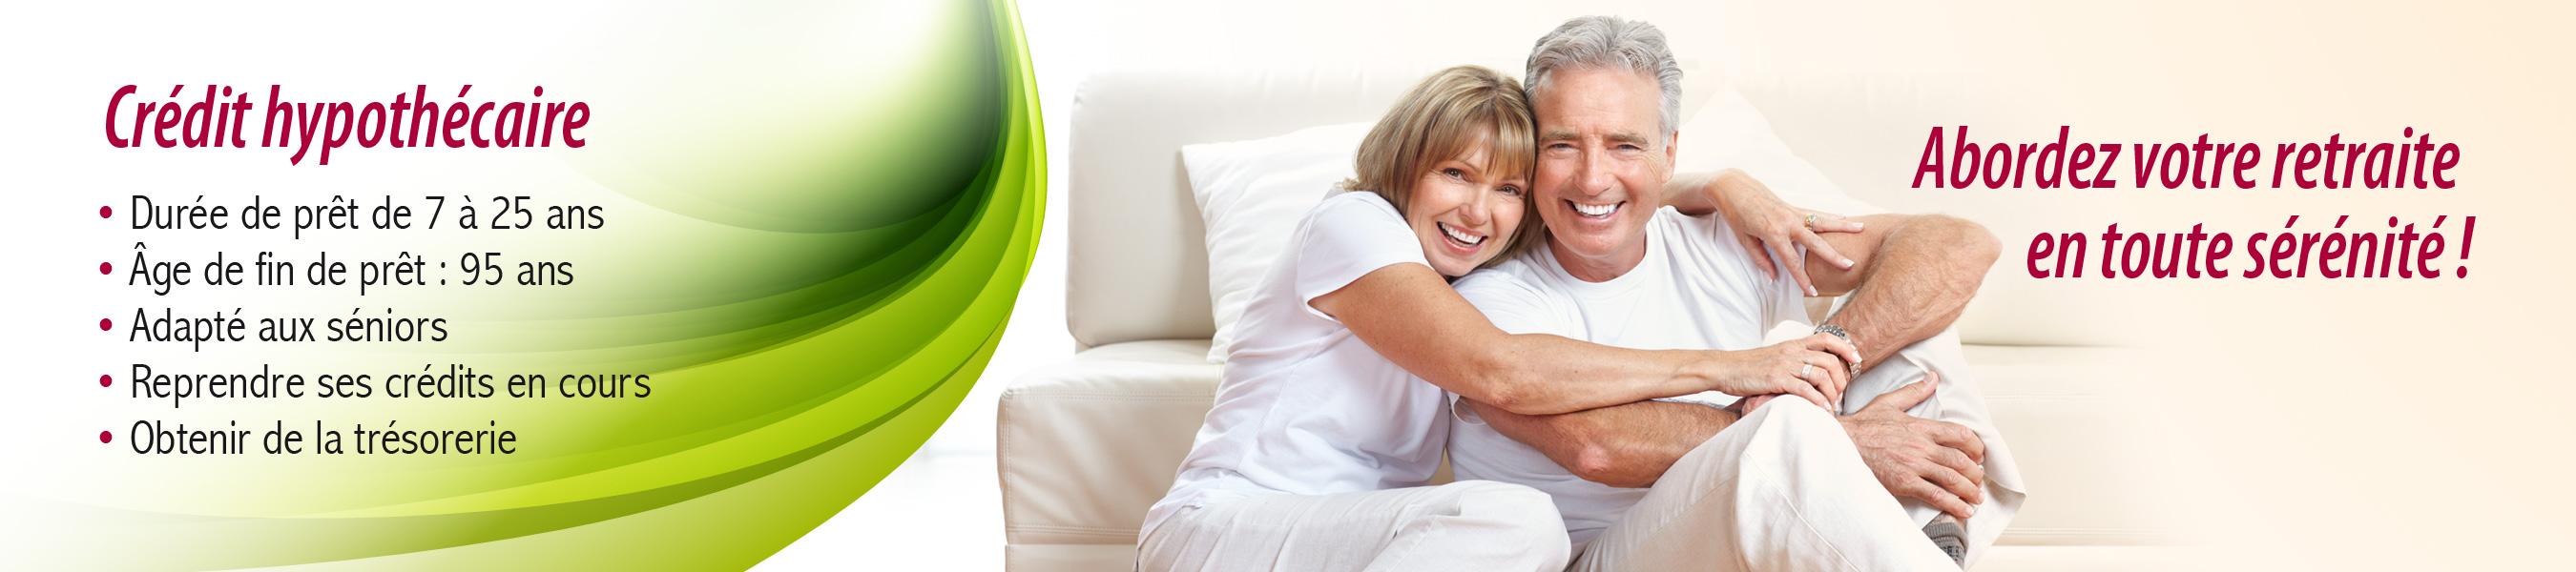 Solution spéciale séniors, le crédit hypothécaire vous permet d'aborder votre retraite en toute sérénité